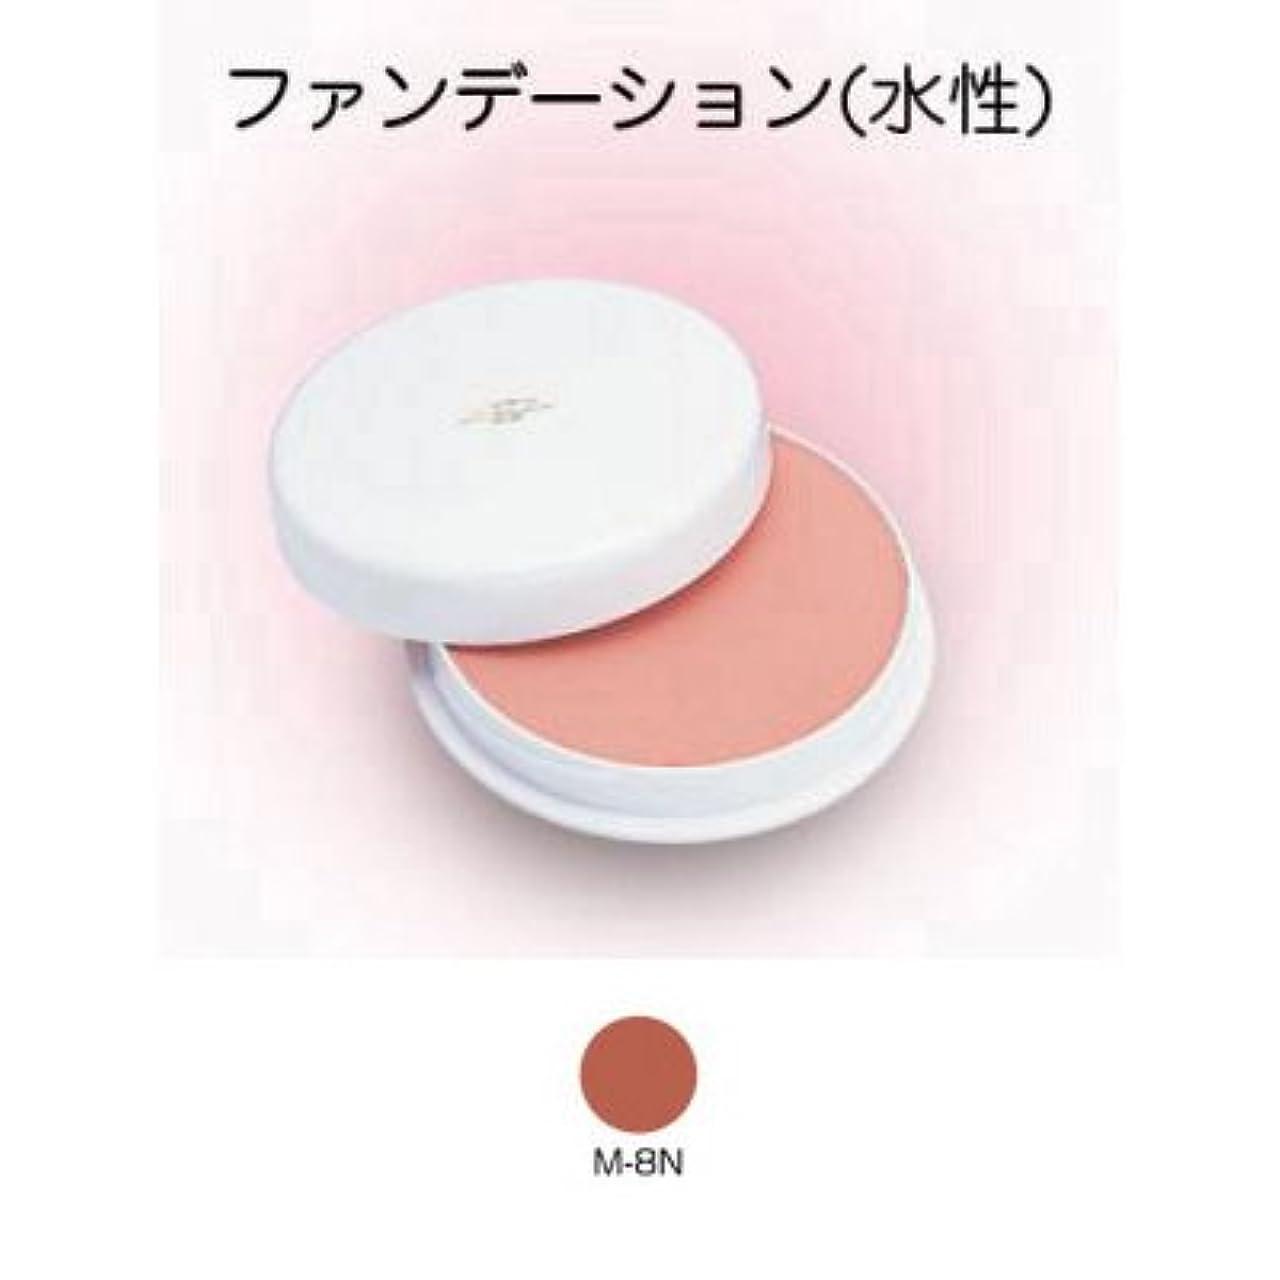 広く復活ハンサムフェースケーキ 60g M-8N 【三善】